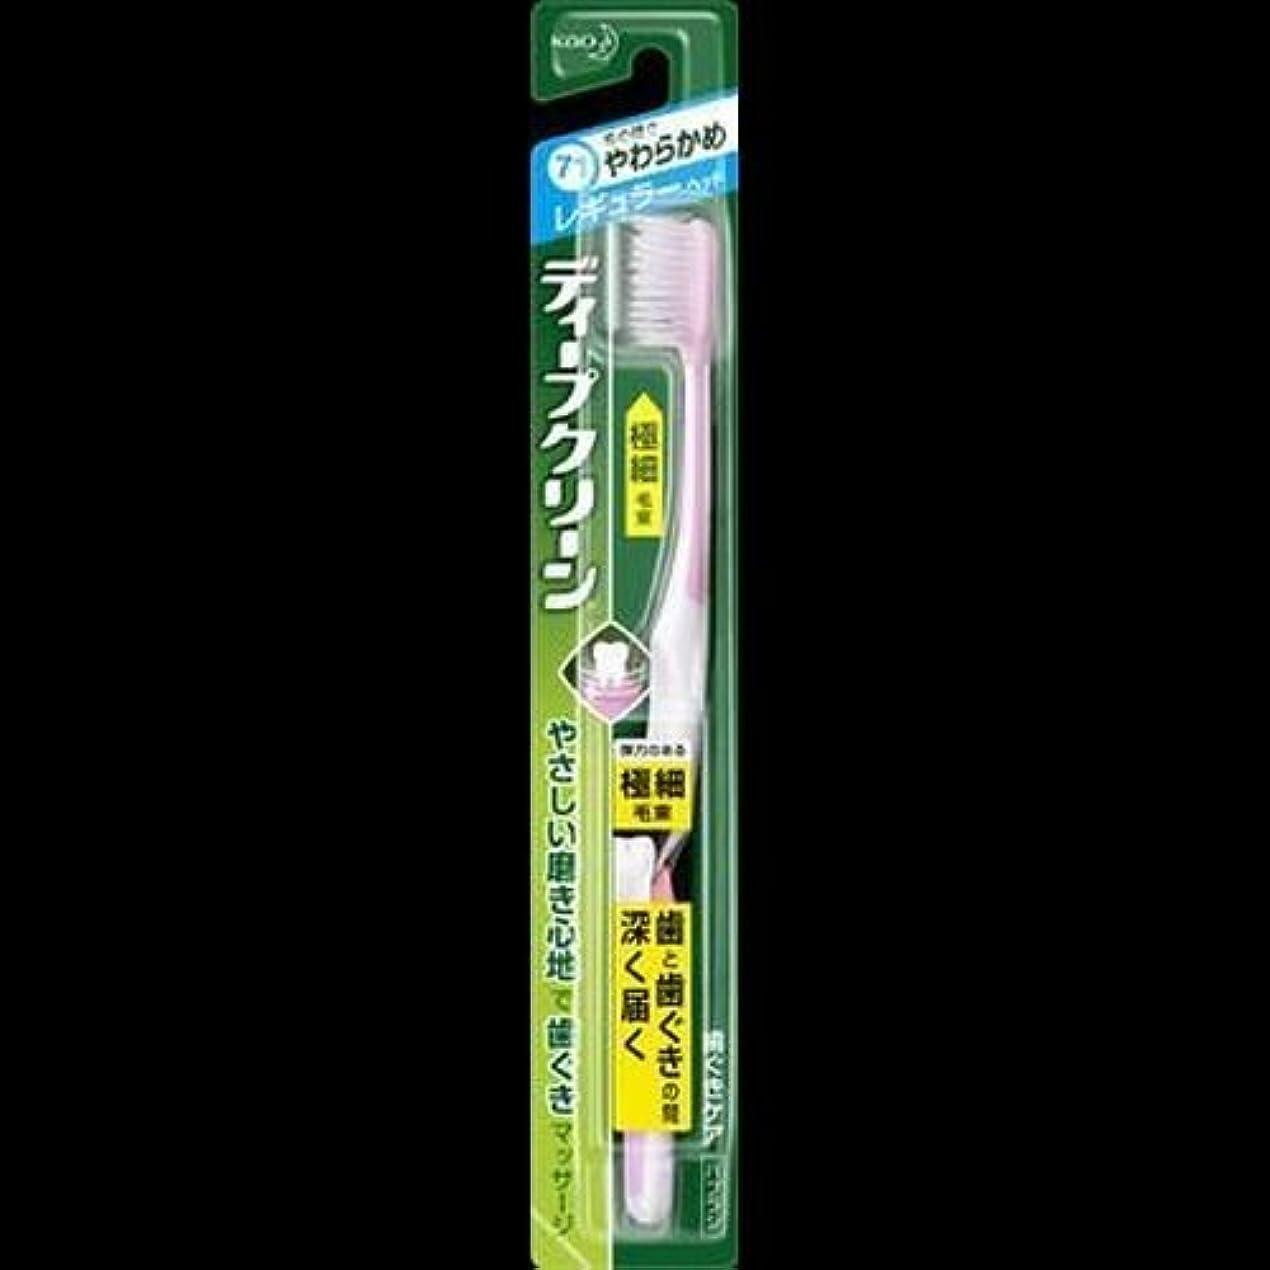 色シャックルを通して【まとめ買い】ディープクリーン ハブラシ レギュラー やわらかめ ×2セット